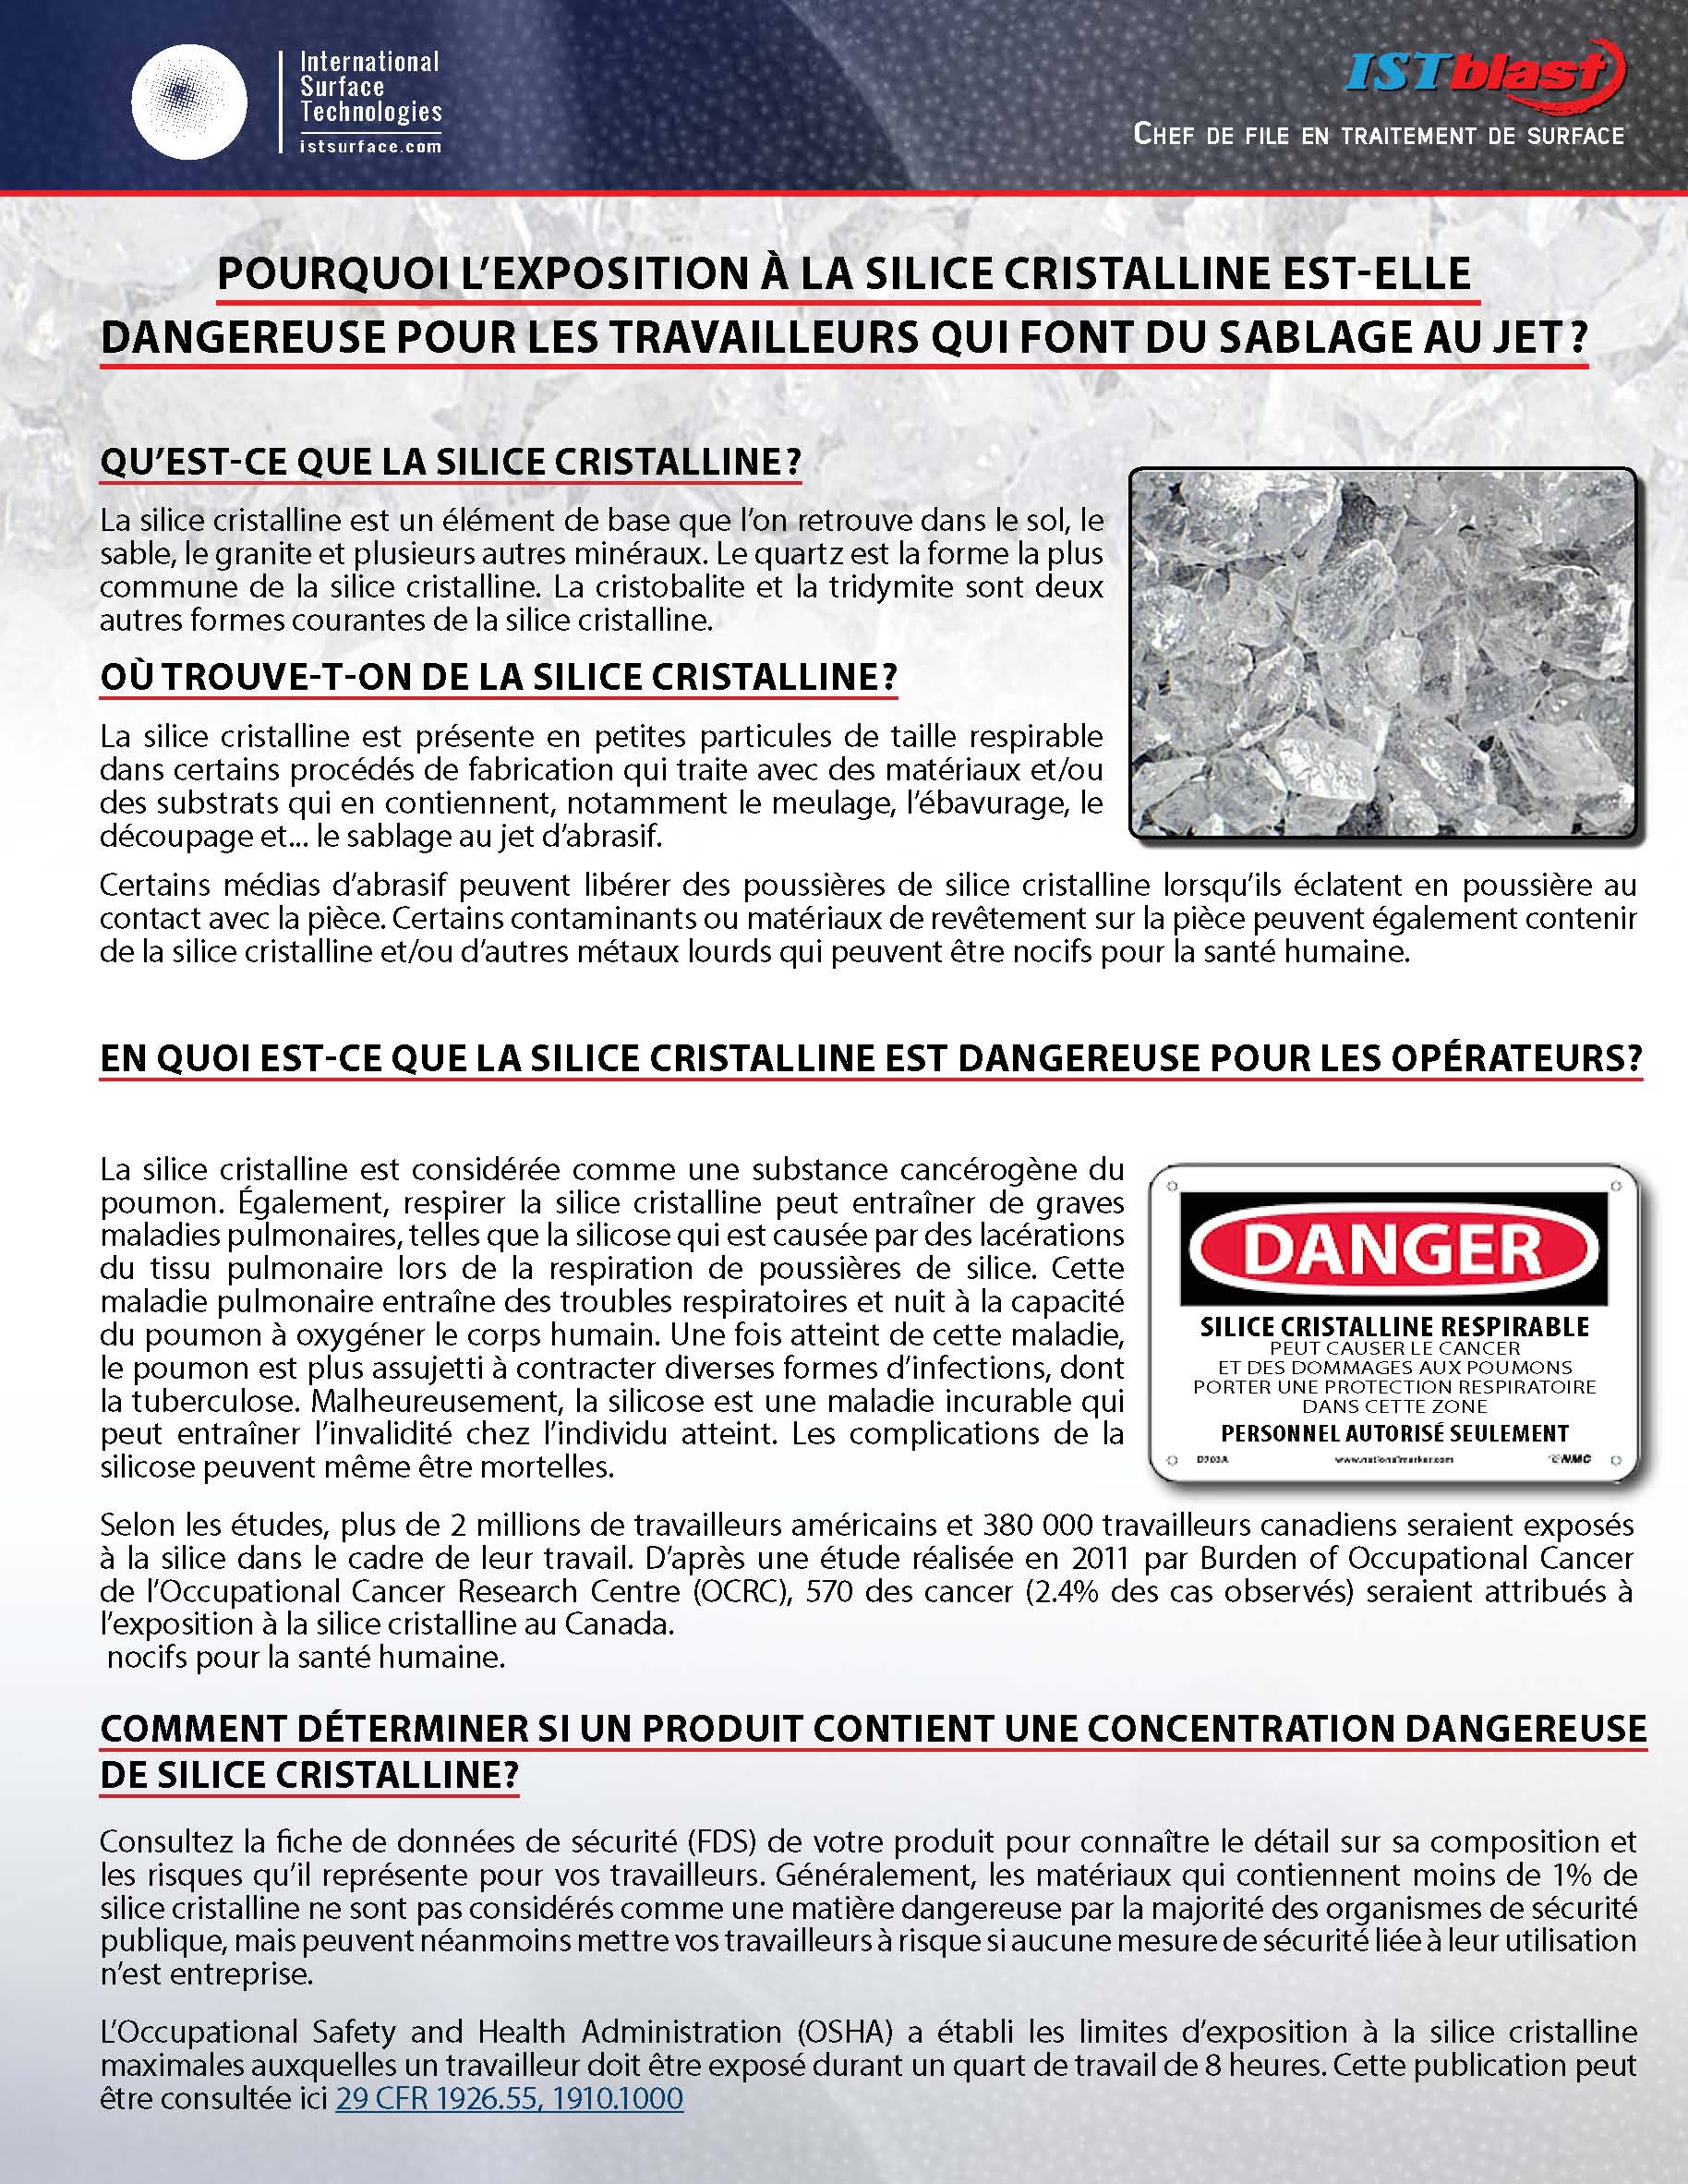 ISTblast - Danger silice cristalline